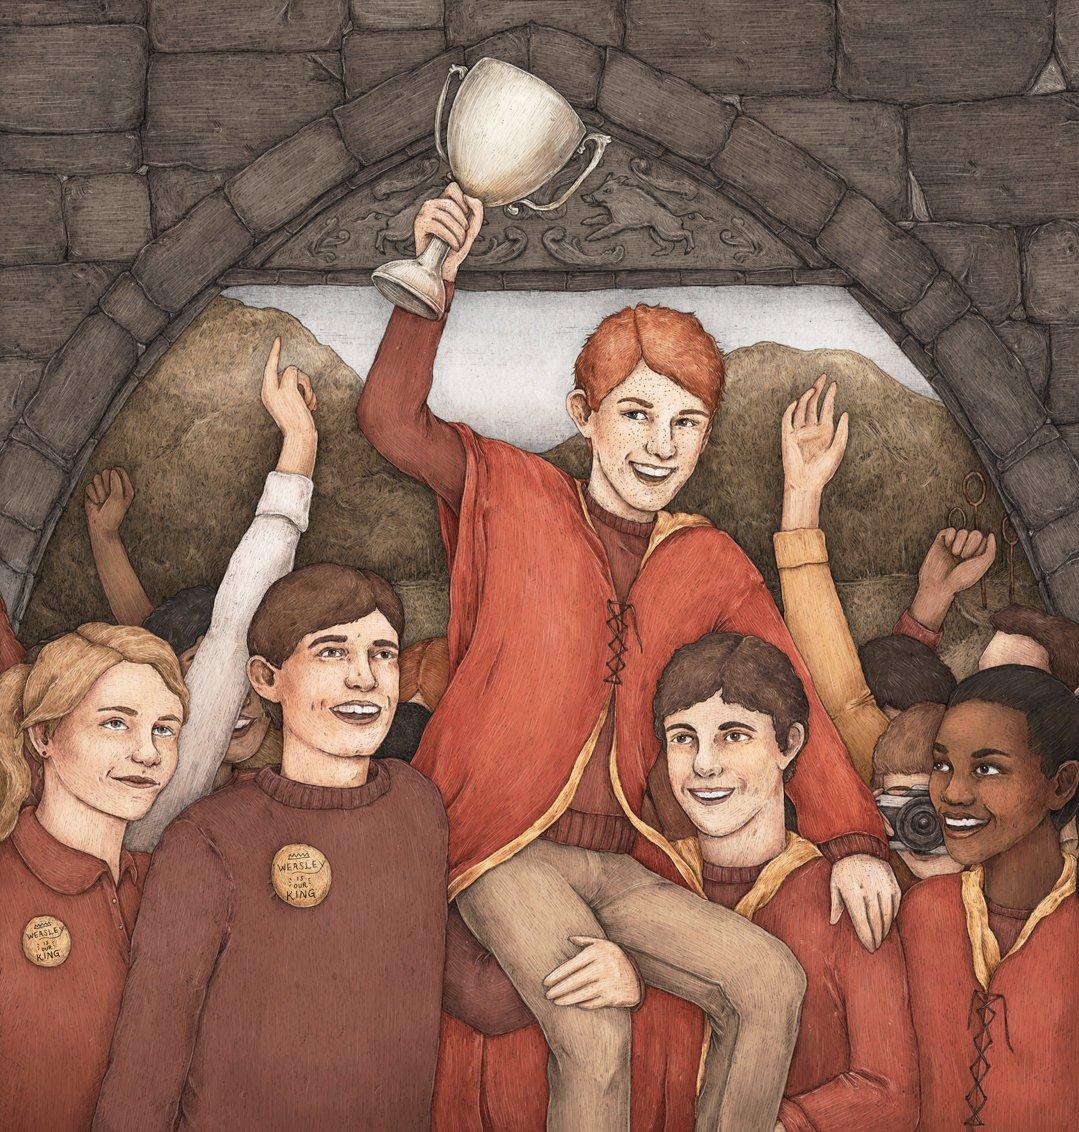 Ron Weasley porté en triomphe lorsque Gryffondor remporte la coupe de quidditch - illustration de pottermore